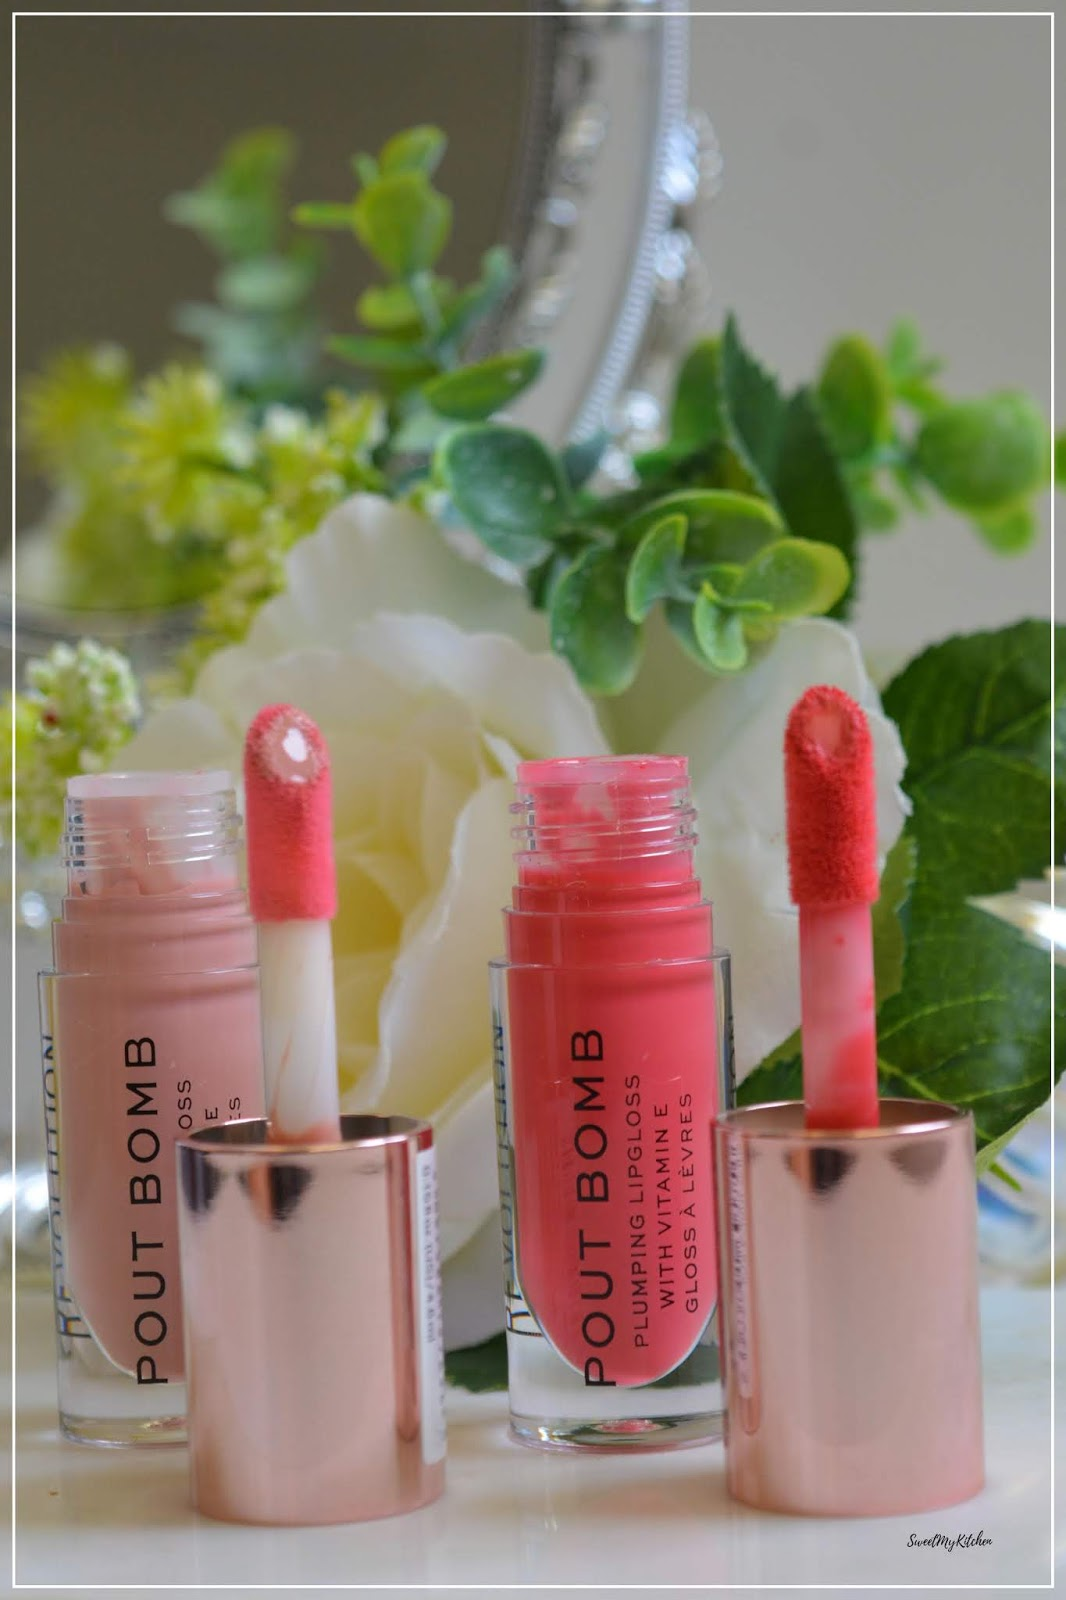 Makeup Revolution Pout Bomb review